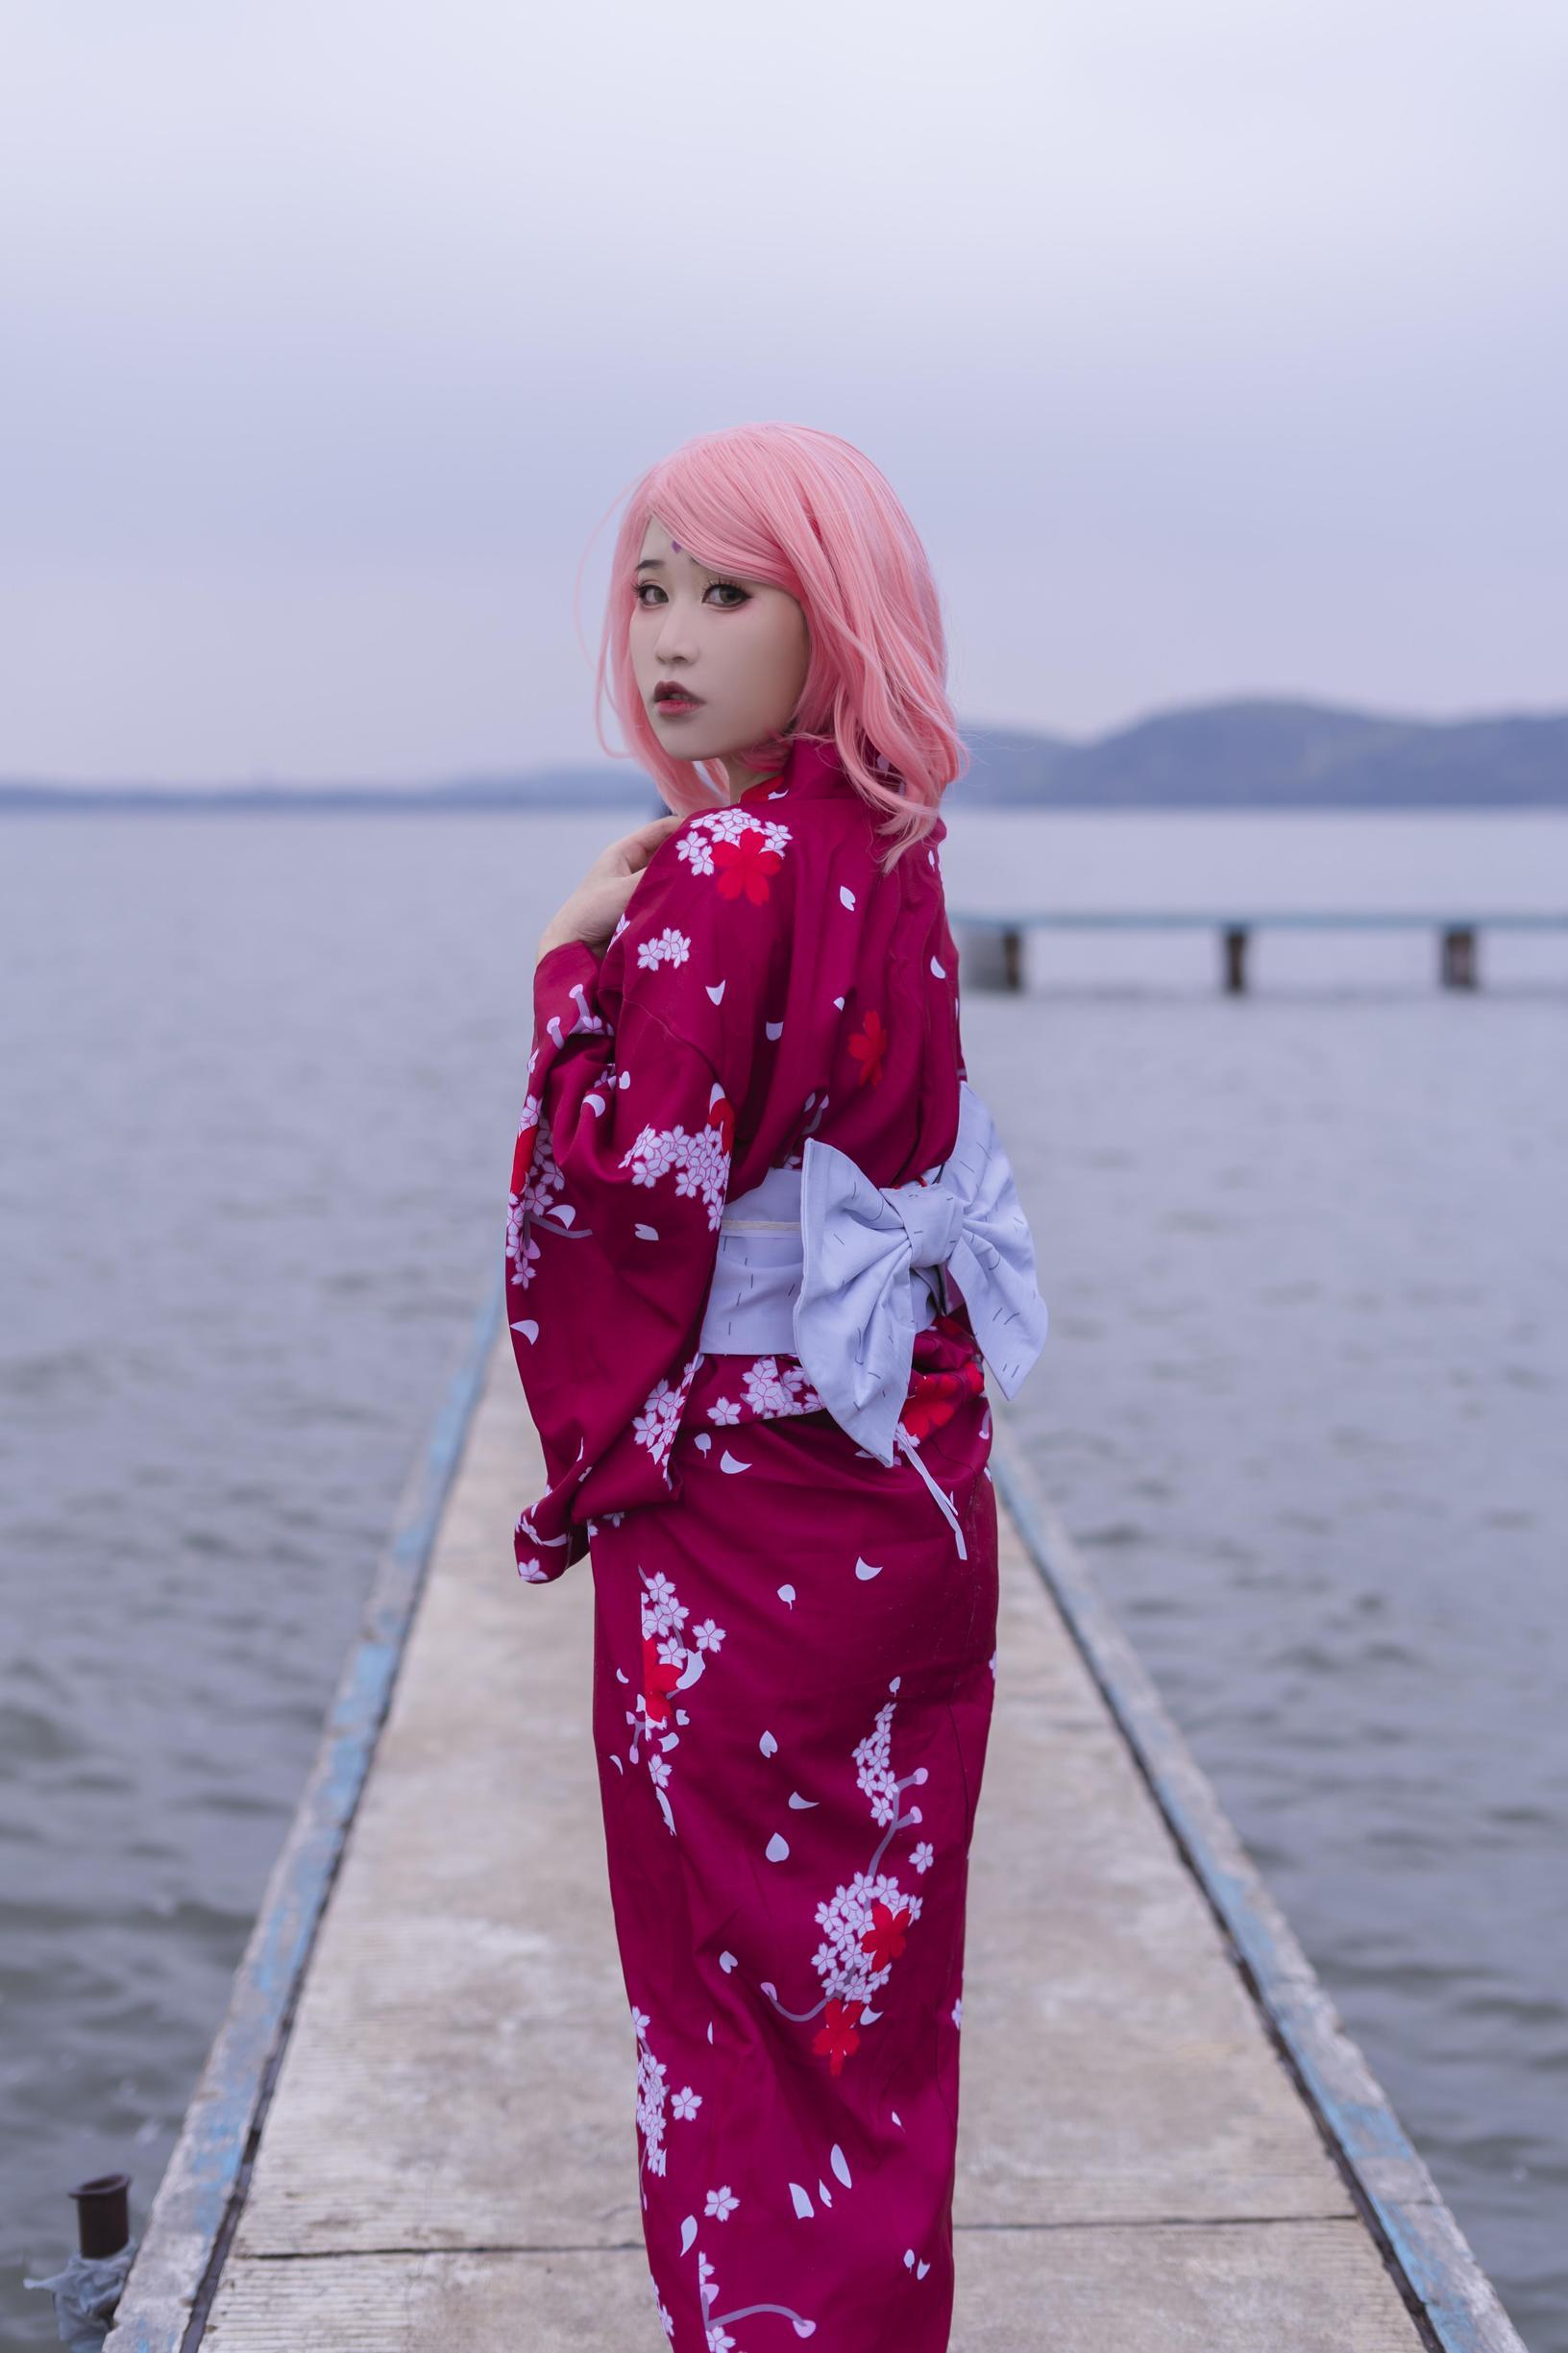 《火影忍者》火影忍者春野樱cosplay【CN:Naraku阿峰】-第9张